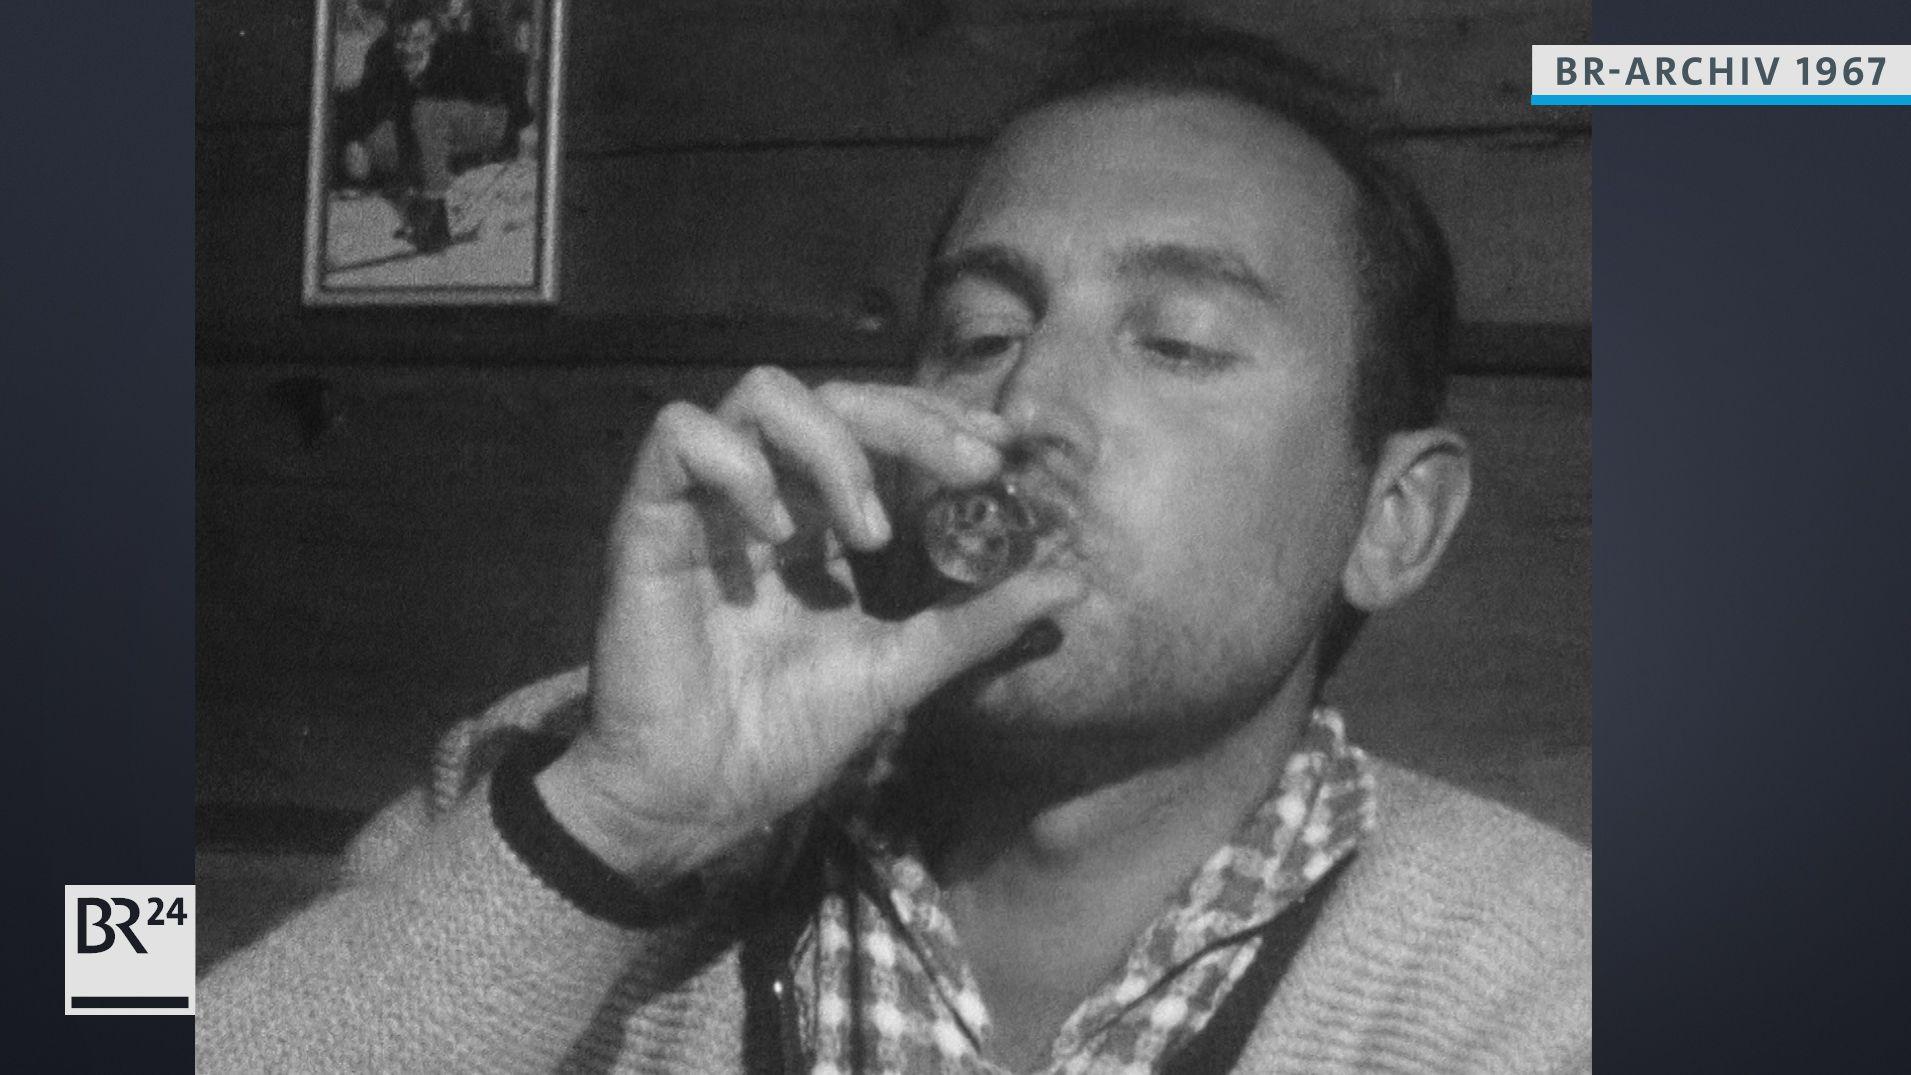 Mann trinkt Schnaps.